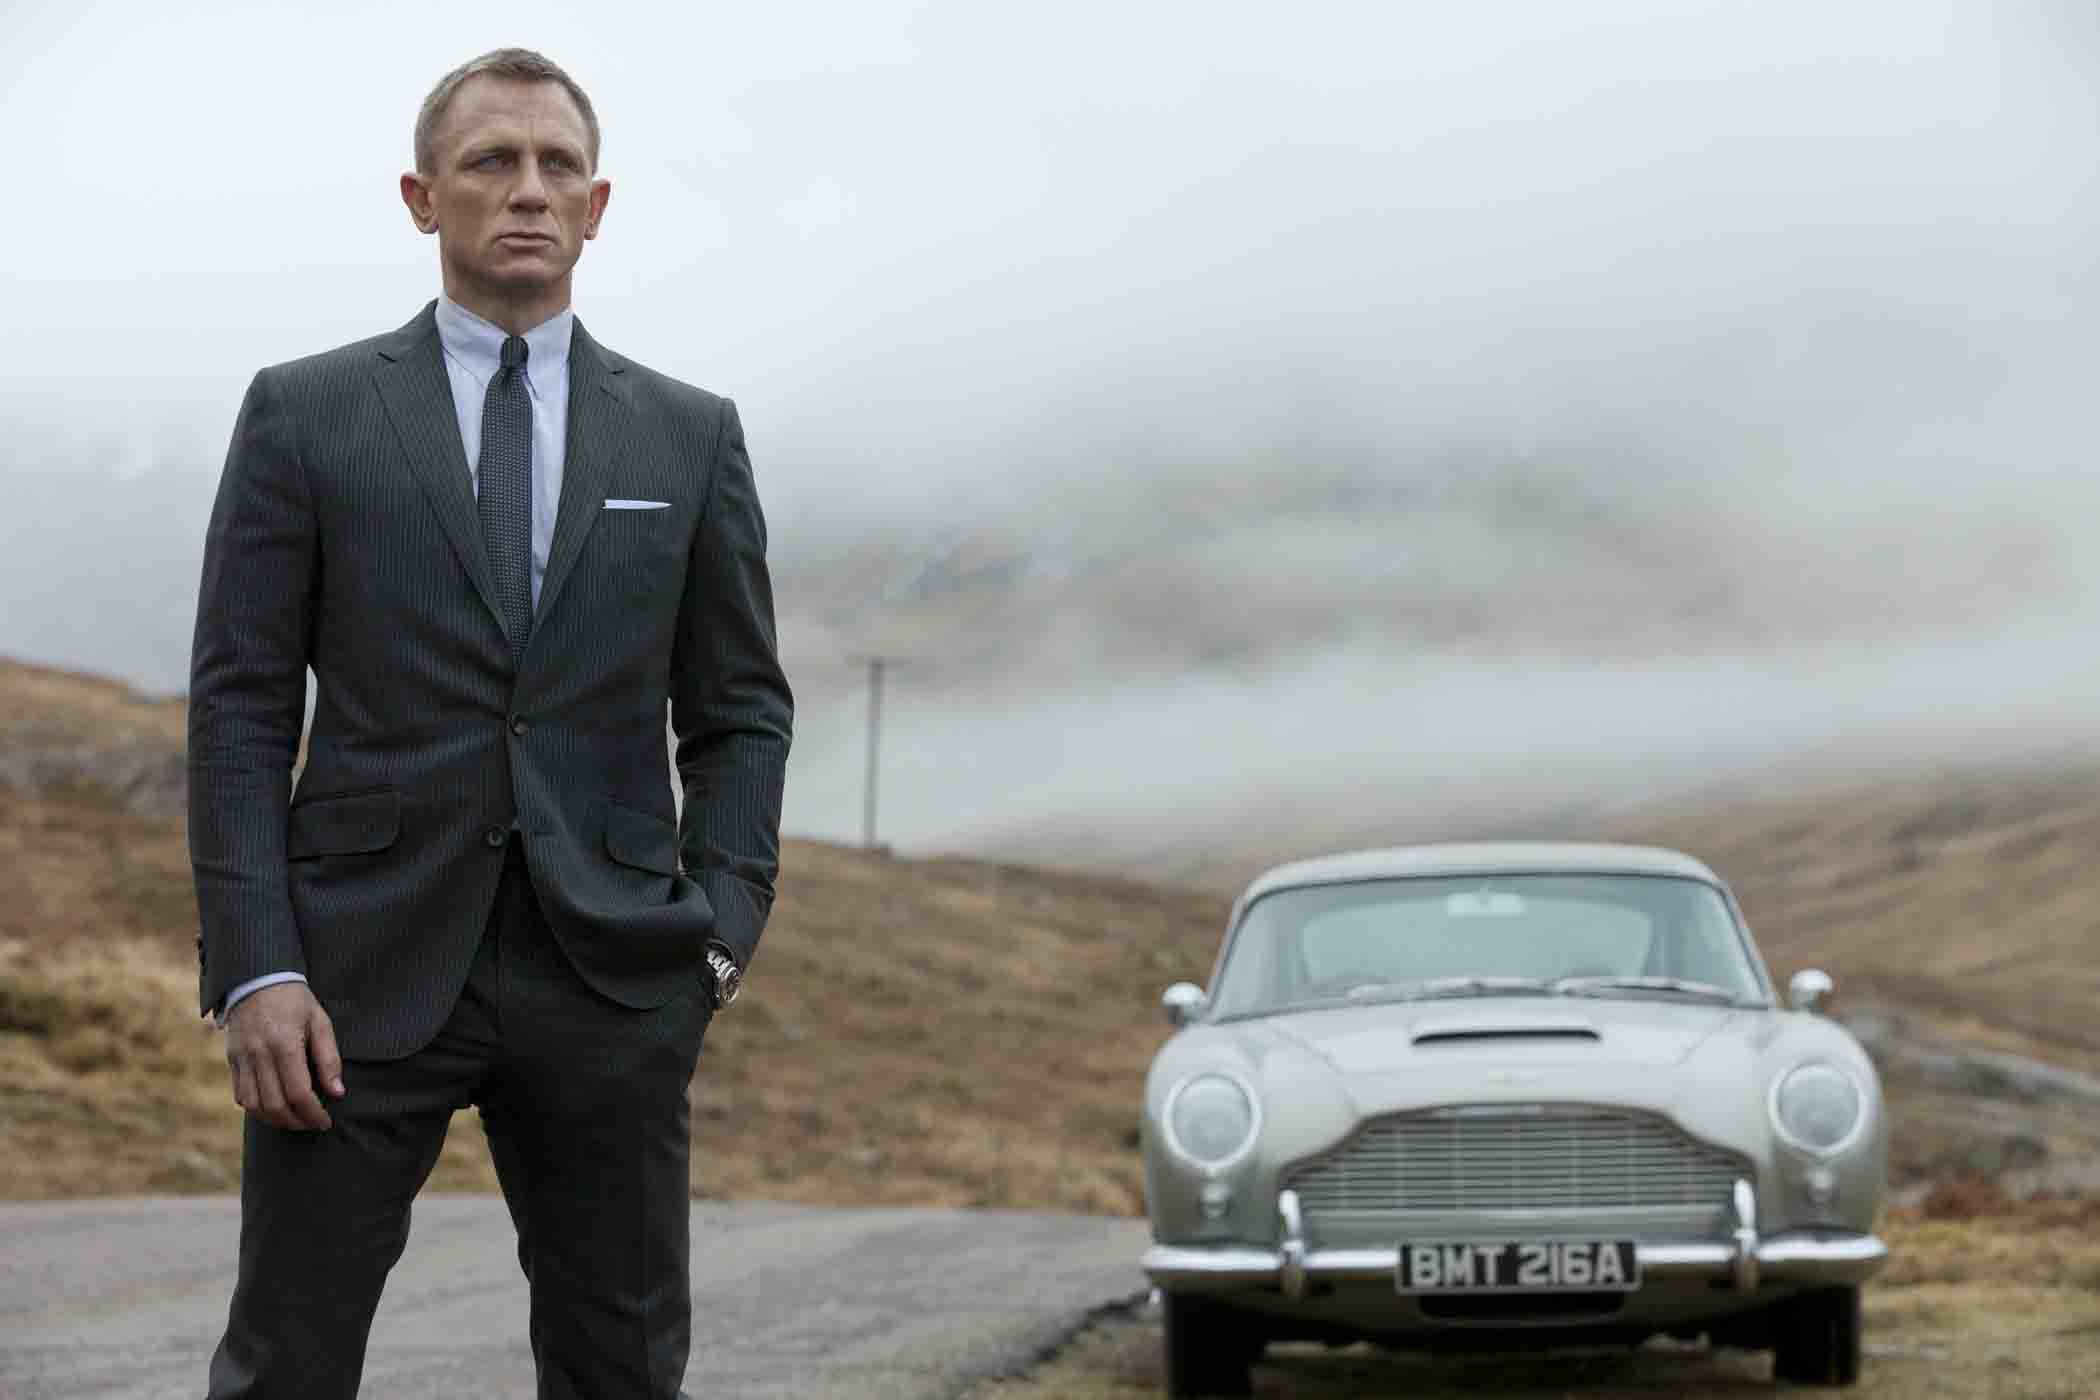 『007/スカイフォール』半券2枚で豪華プレゼントが当たるリピーターキャンペーンを実施中!